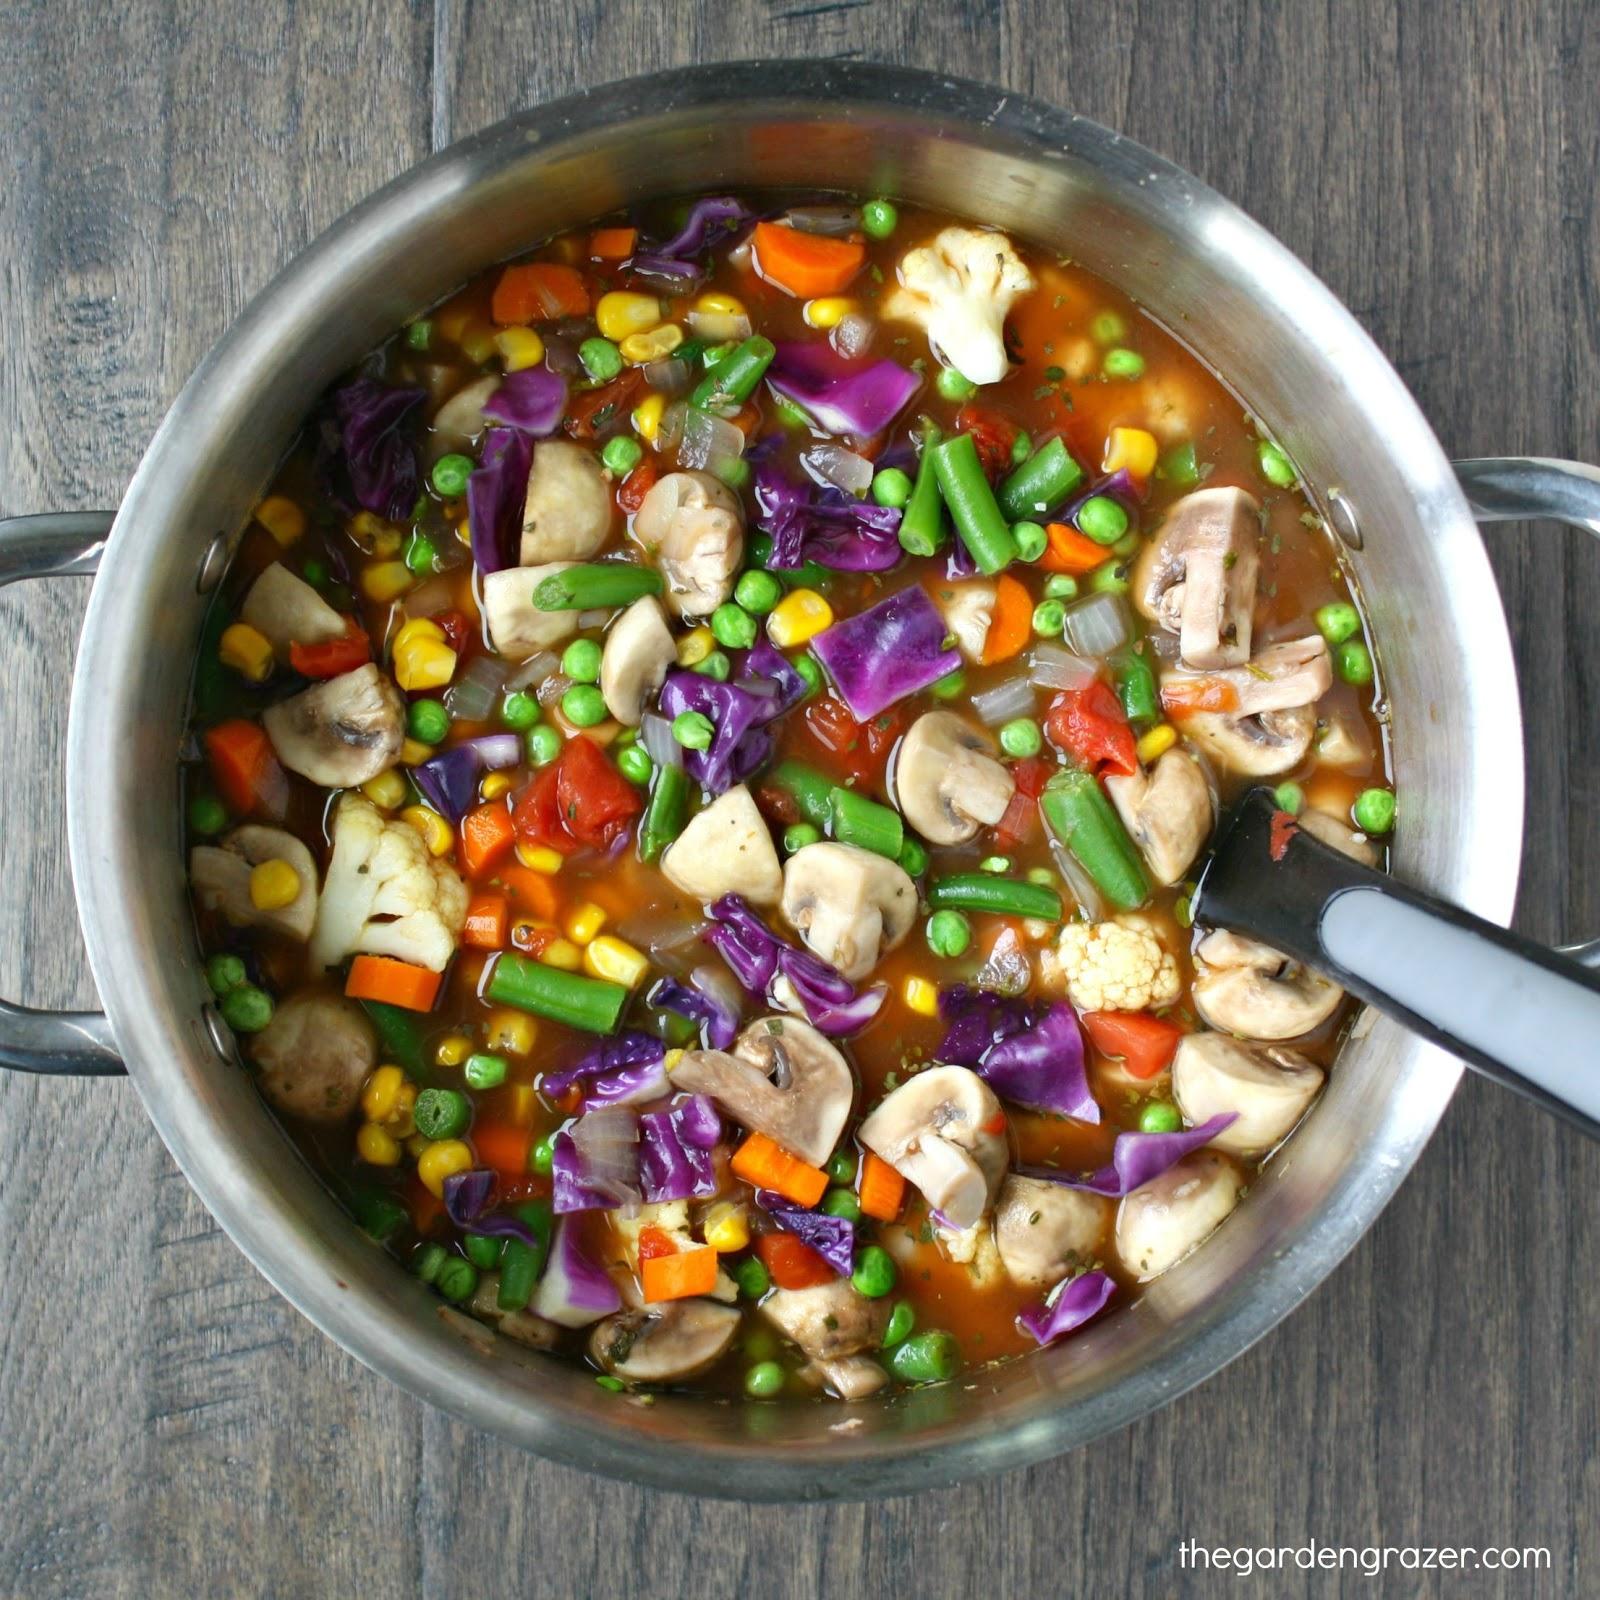 The Garden Grazer: 10 Easy, Healthy Vegan Soups